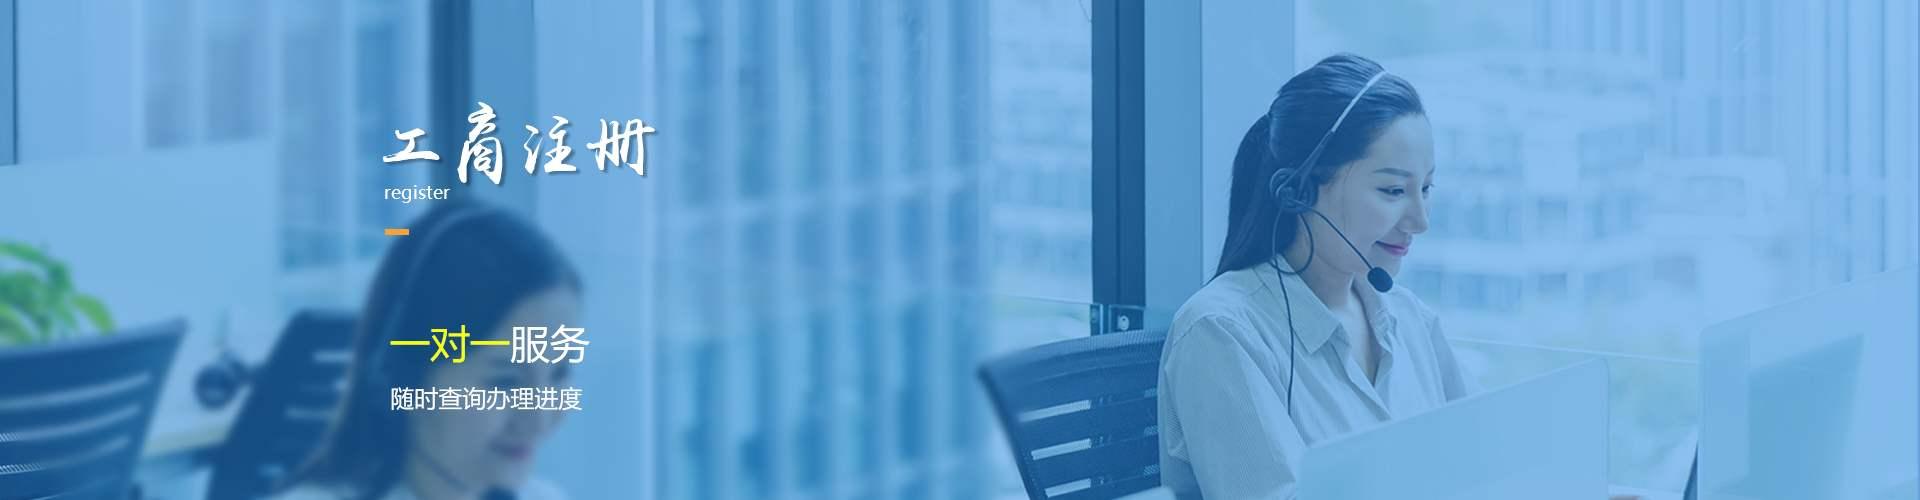 郑州餐饮管理服务公司长期为企事业单位、工厂及学校提供郑州食堂承包、餐饮管理、郑州饭堂托管、新鲜